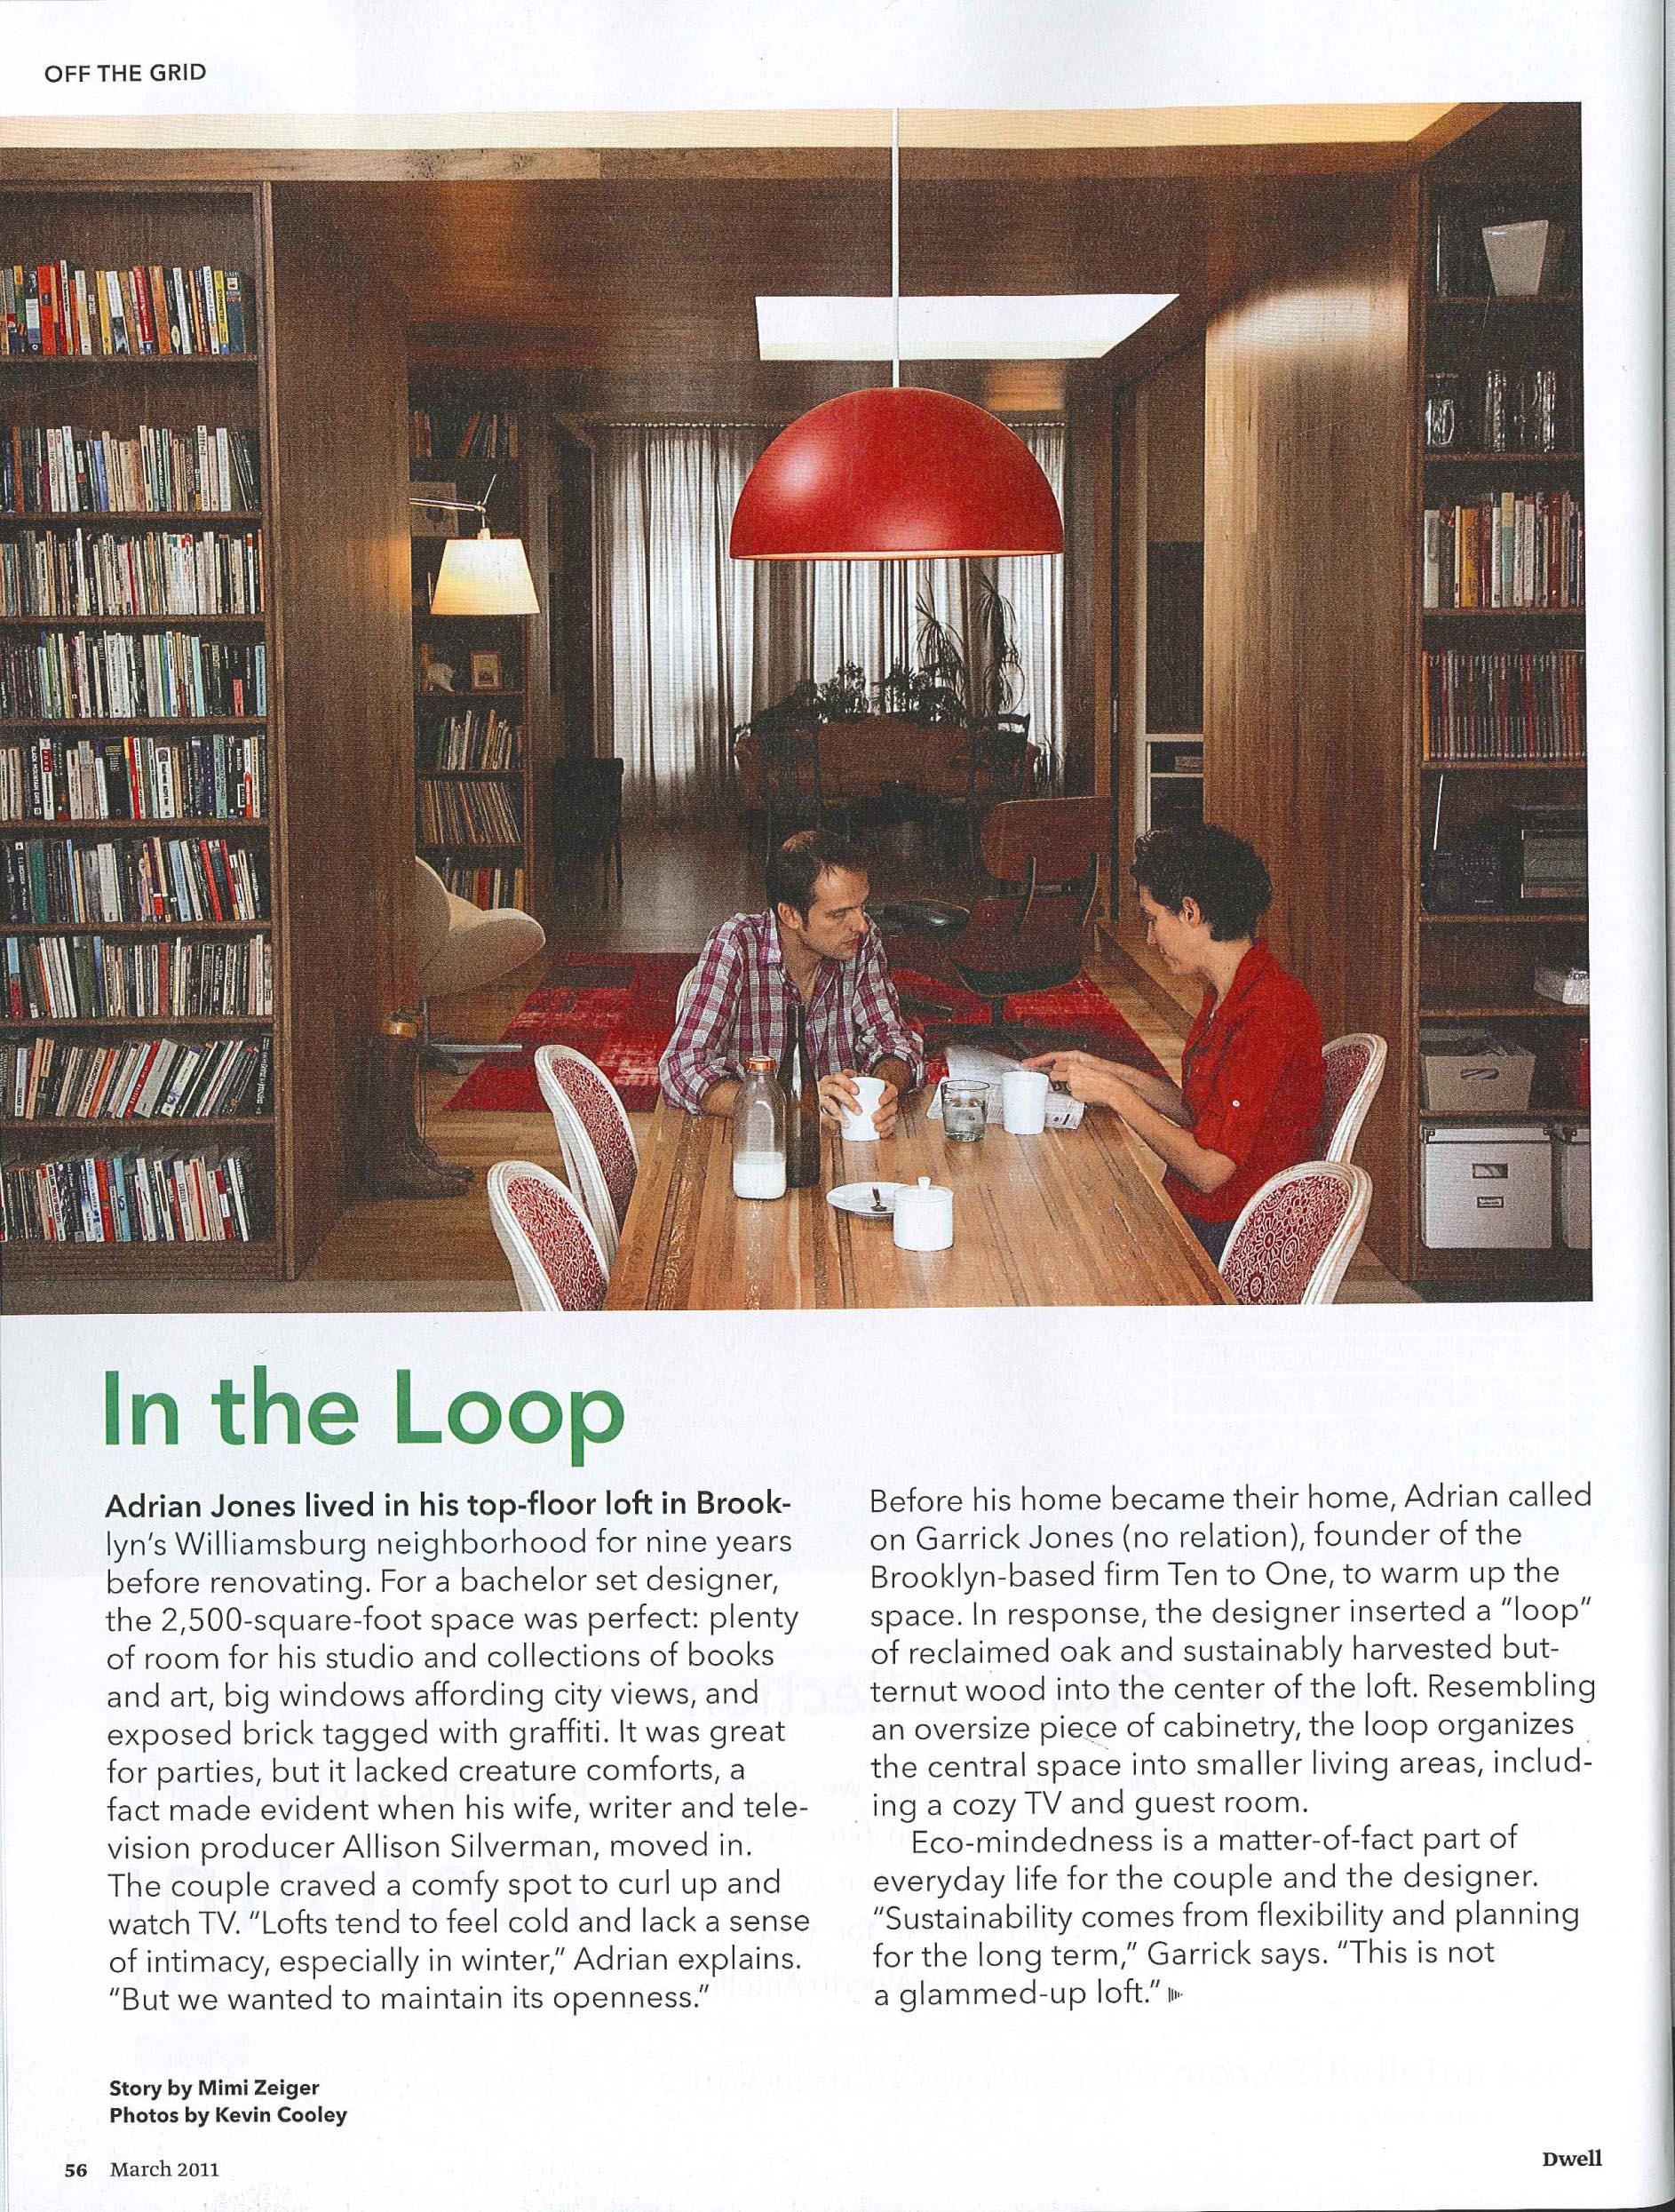 101 Loop Loft Dwell March Pub 02 02 2011-3 lr.jpg